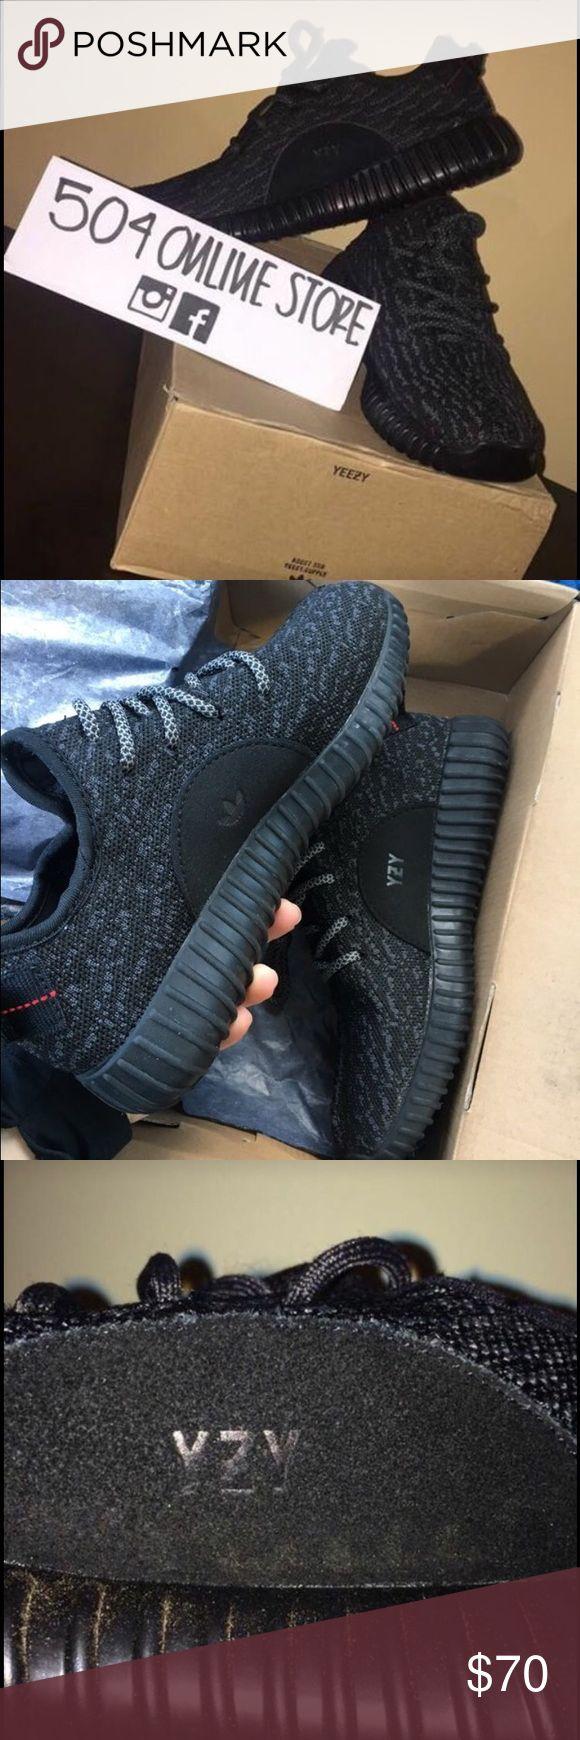 adidas yeezy boost 350 black ebay adidas yeezy black sole ffxi